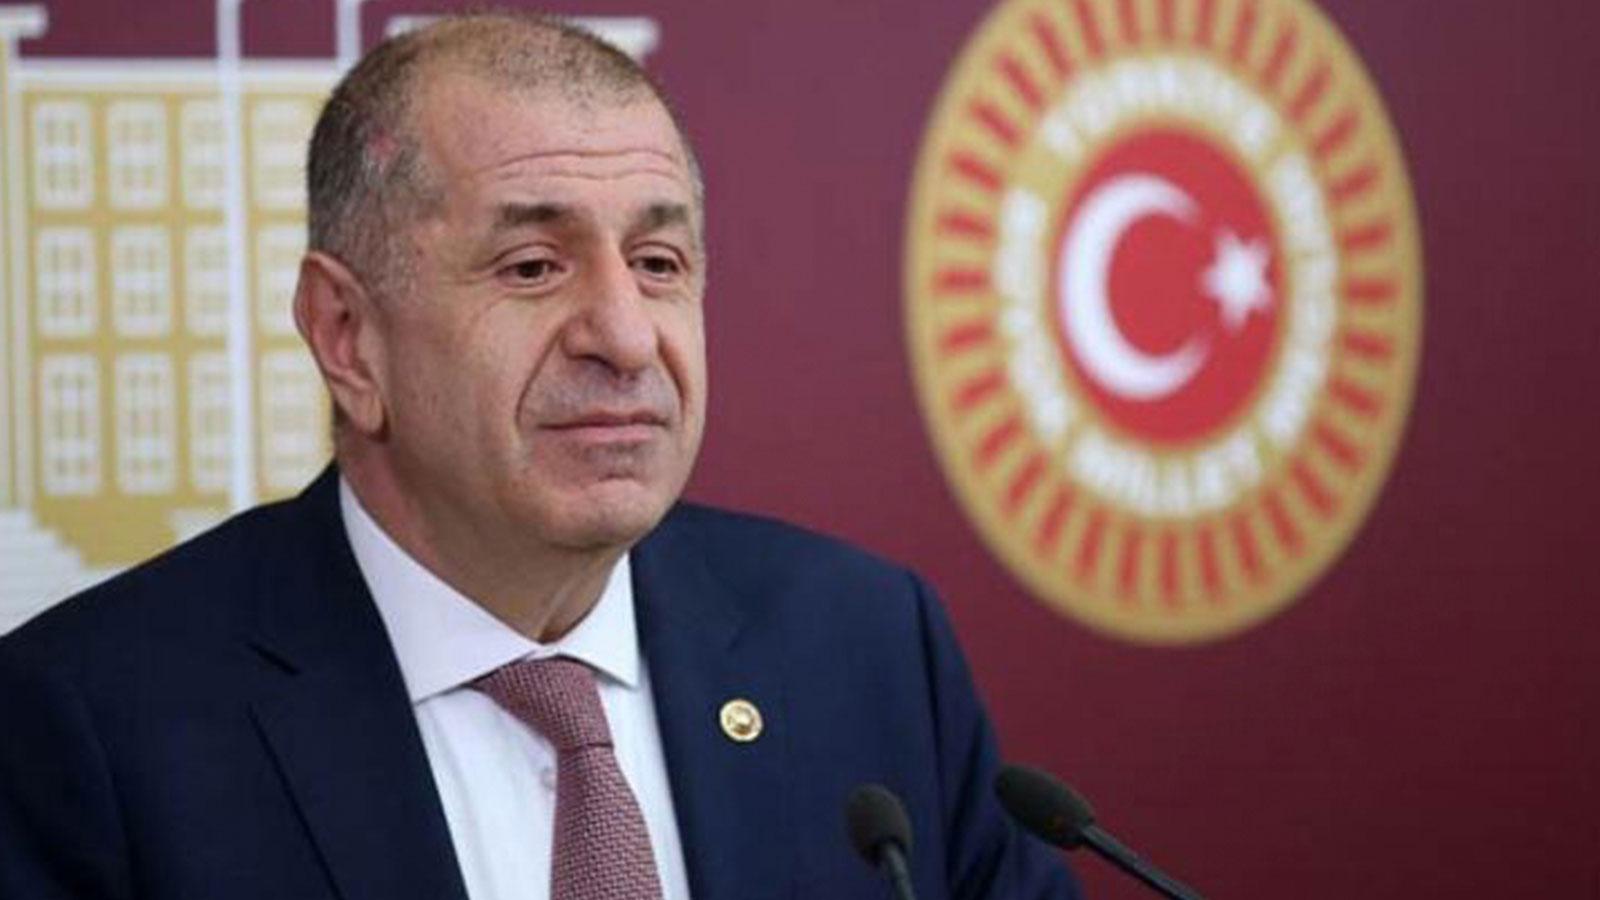 Mahkeme kararıyla İYİ Parti'ye dönen Ümit Özdağ istifa etti